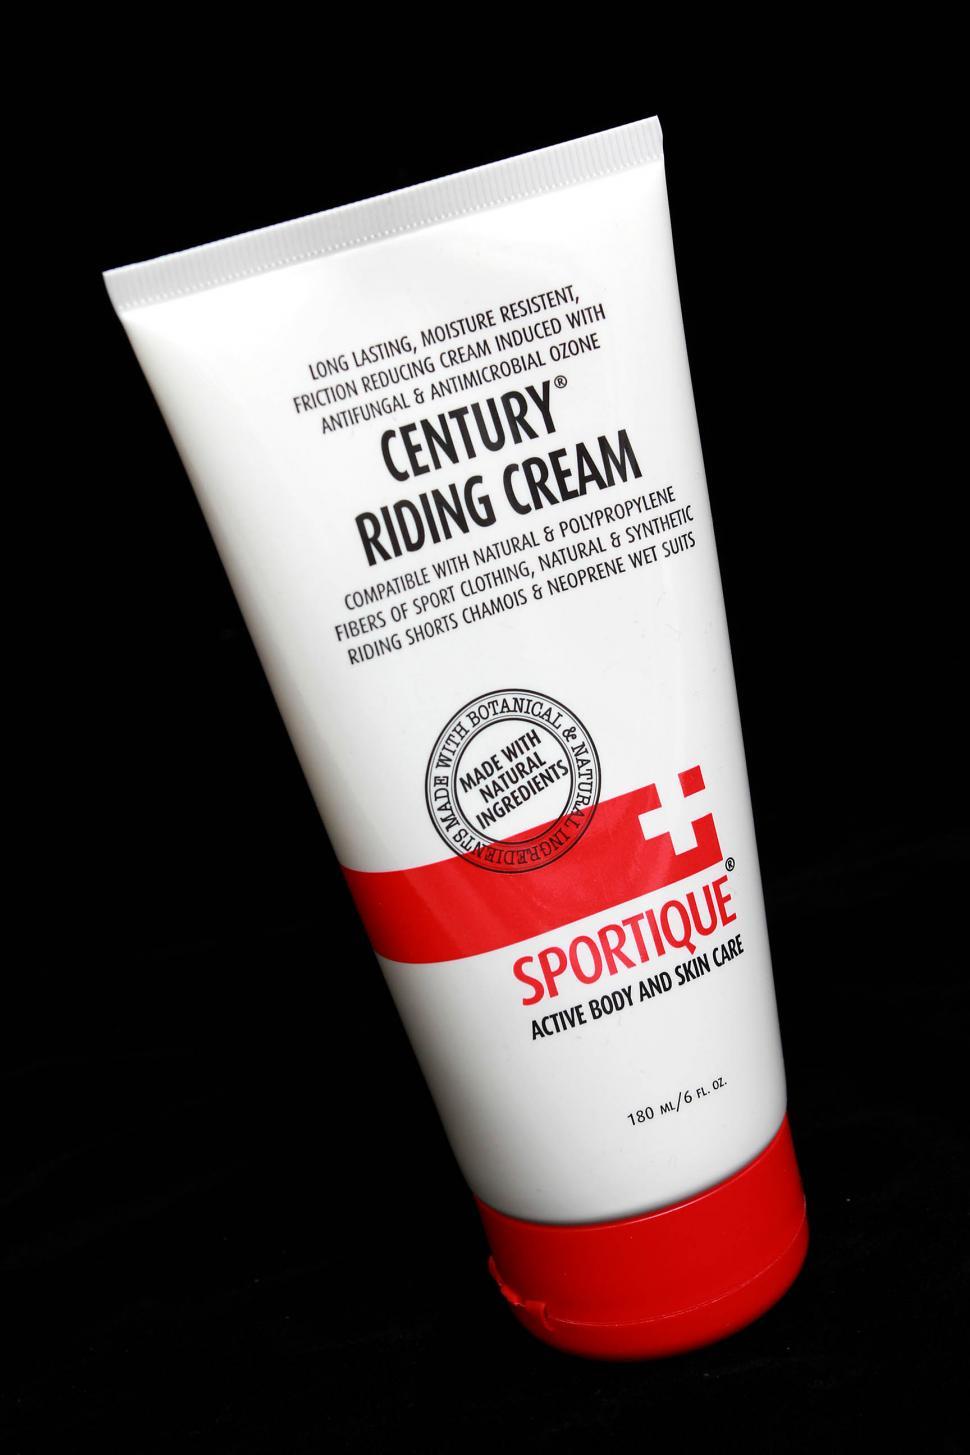 Sportique Century riding cream